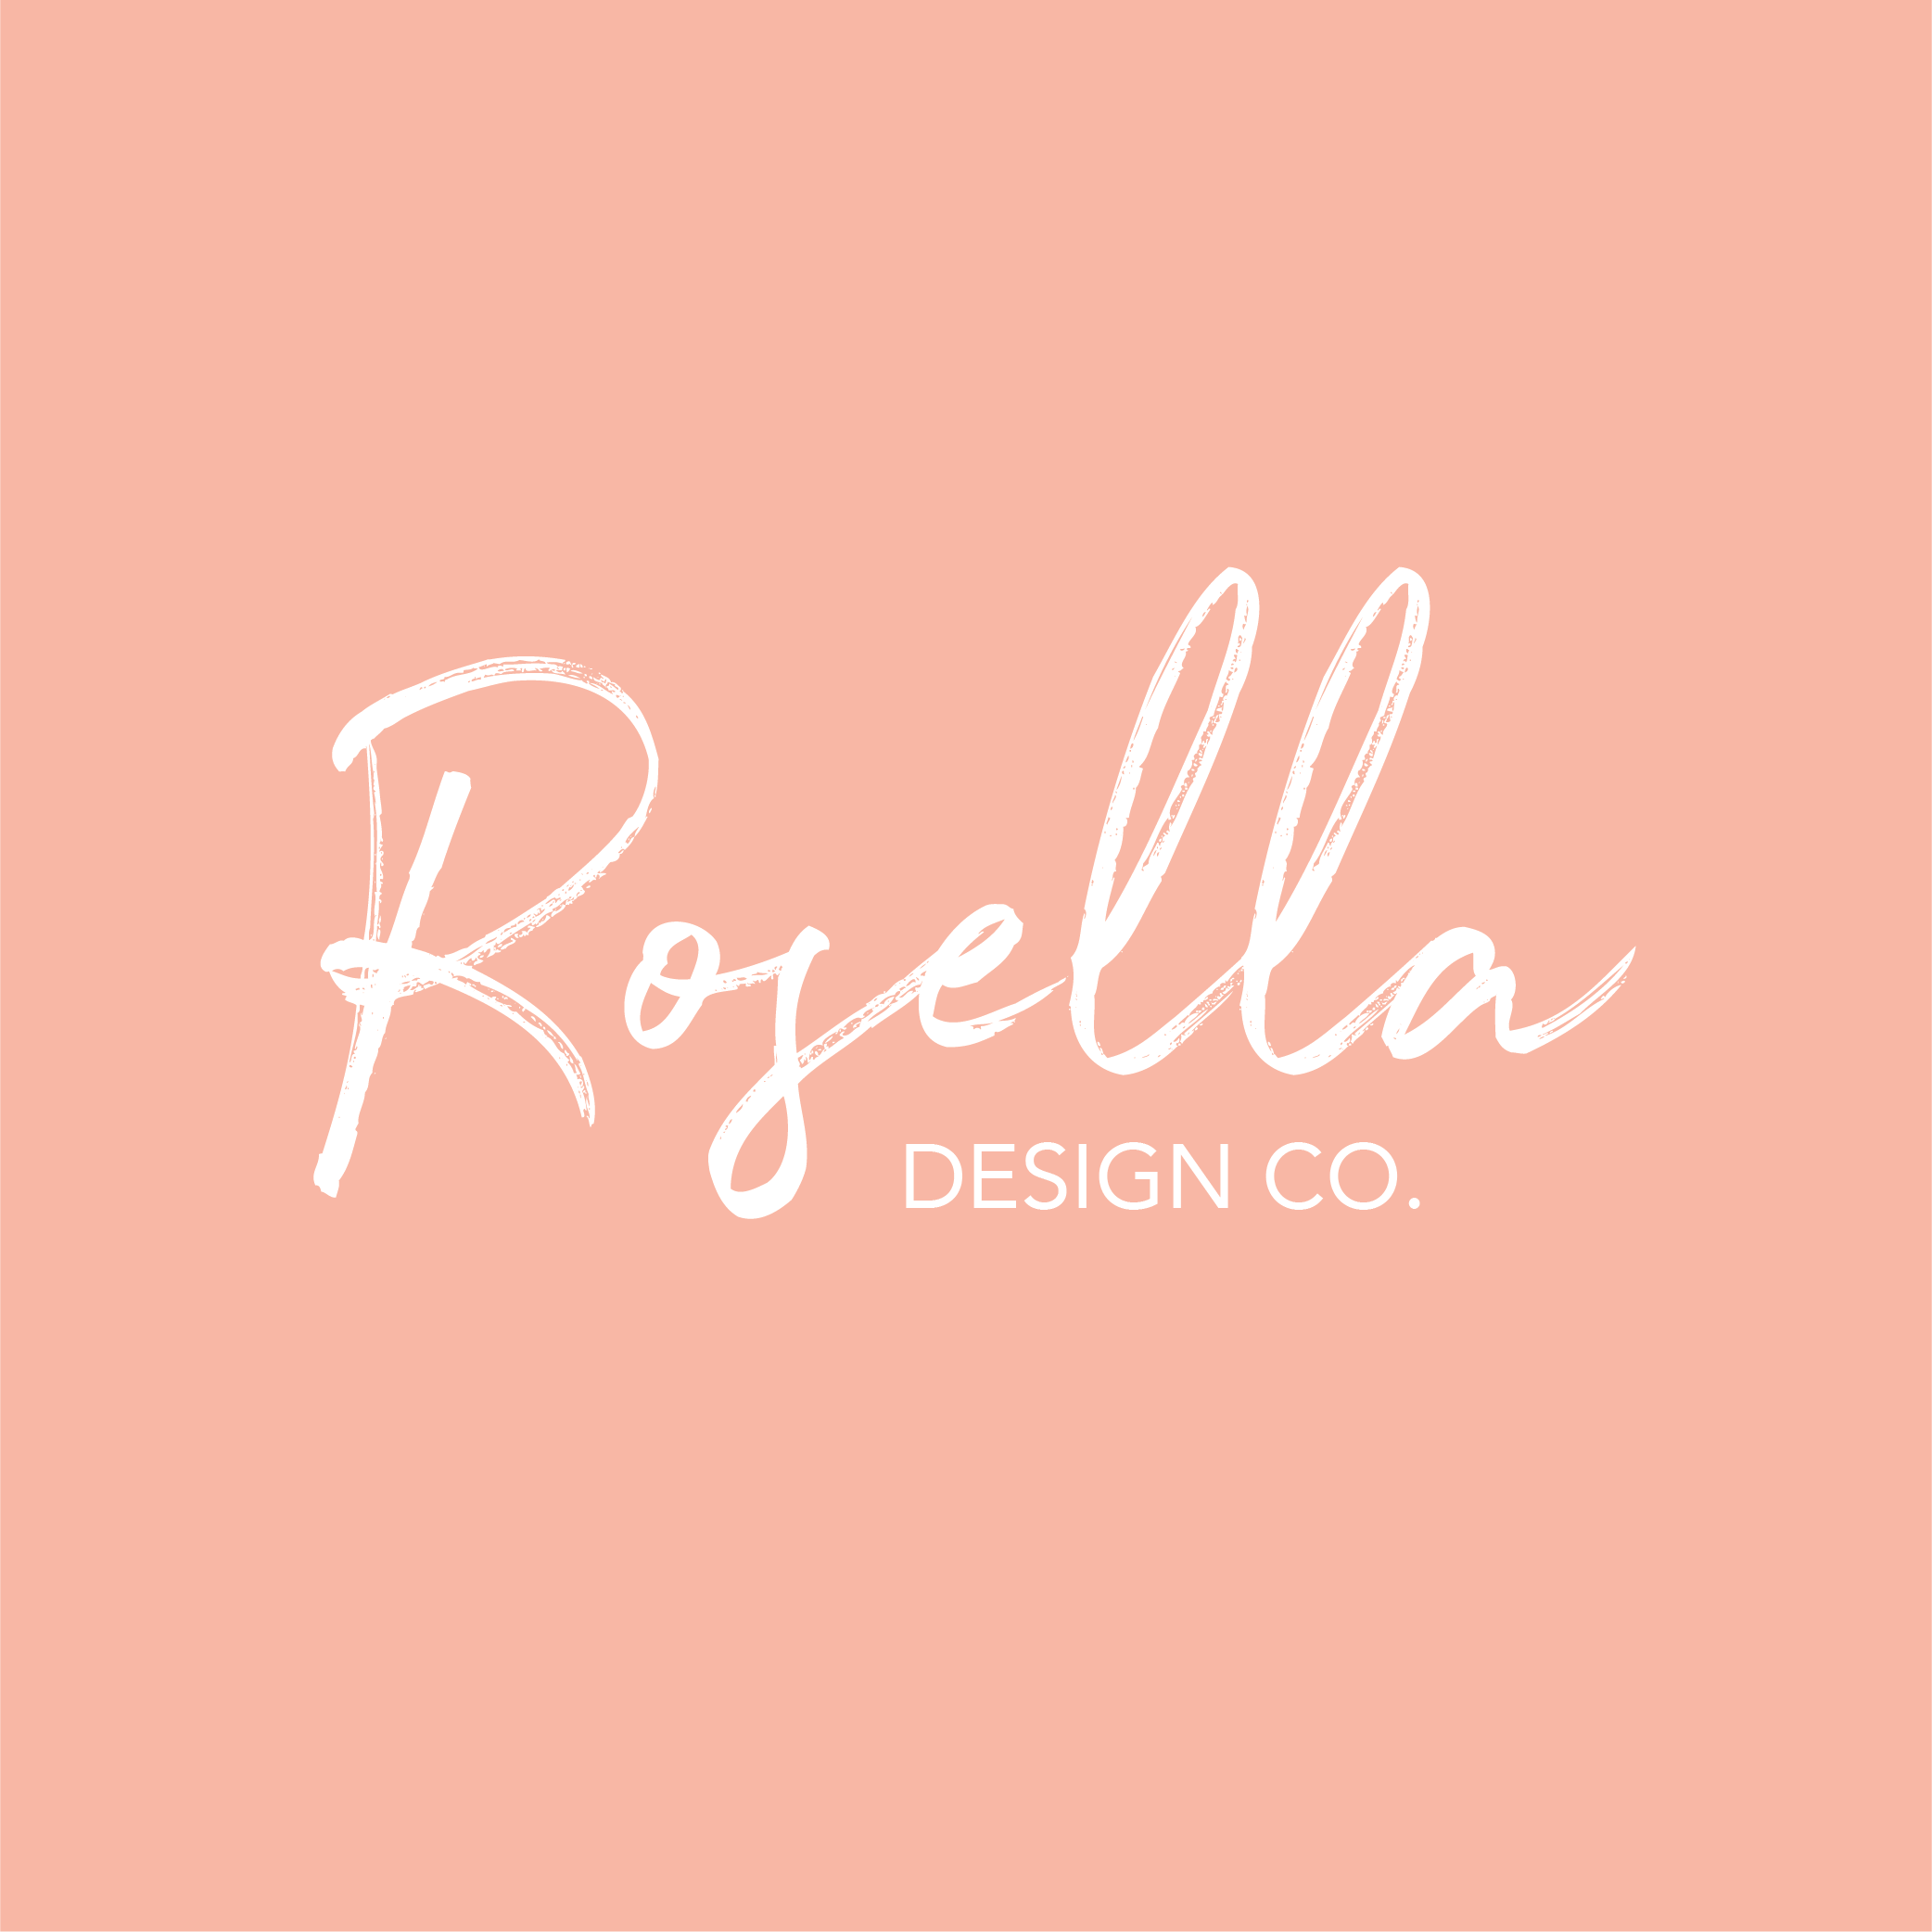 Rosella Logo-01.png